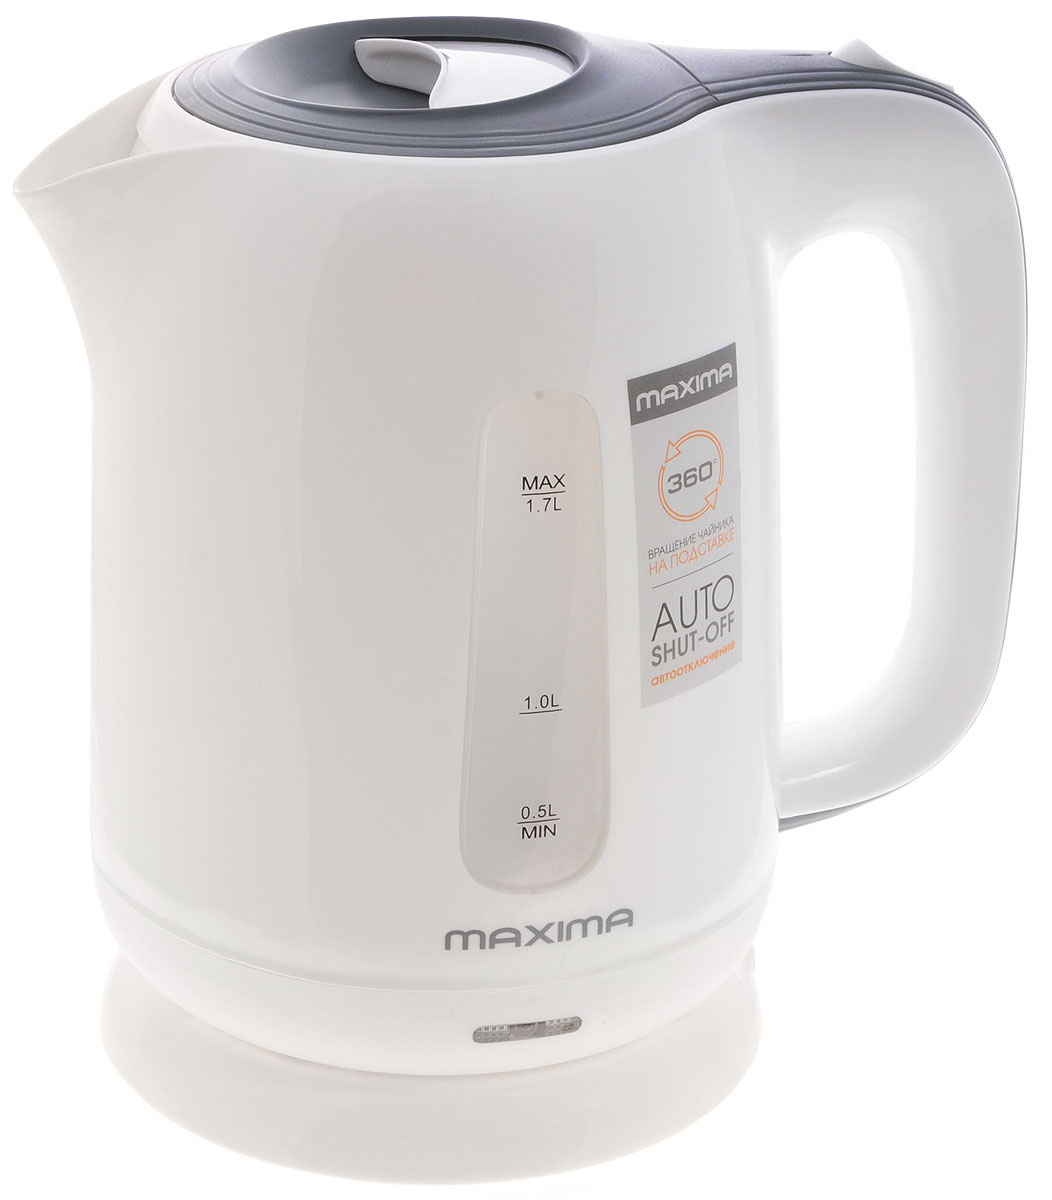 Электрический чайник Maxima MK-472MK-472Стильный чайник Maxima MK-472 из высококачественной пластмассы позволит быстро вскипятить нужное количество воды. Широко открывающаяся крышка, легкоснимаемый мелкопористый фильтр и дисковый нагревательный элемент - всё создано для комфортной эксплуатации и чистки чайника.